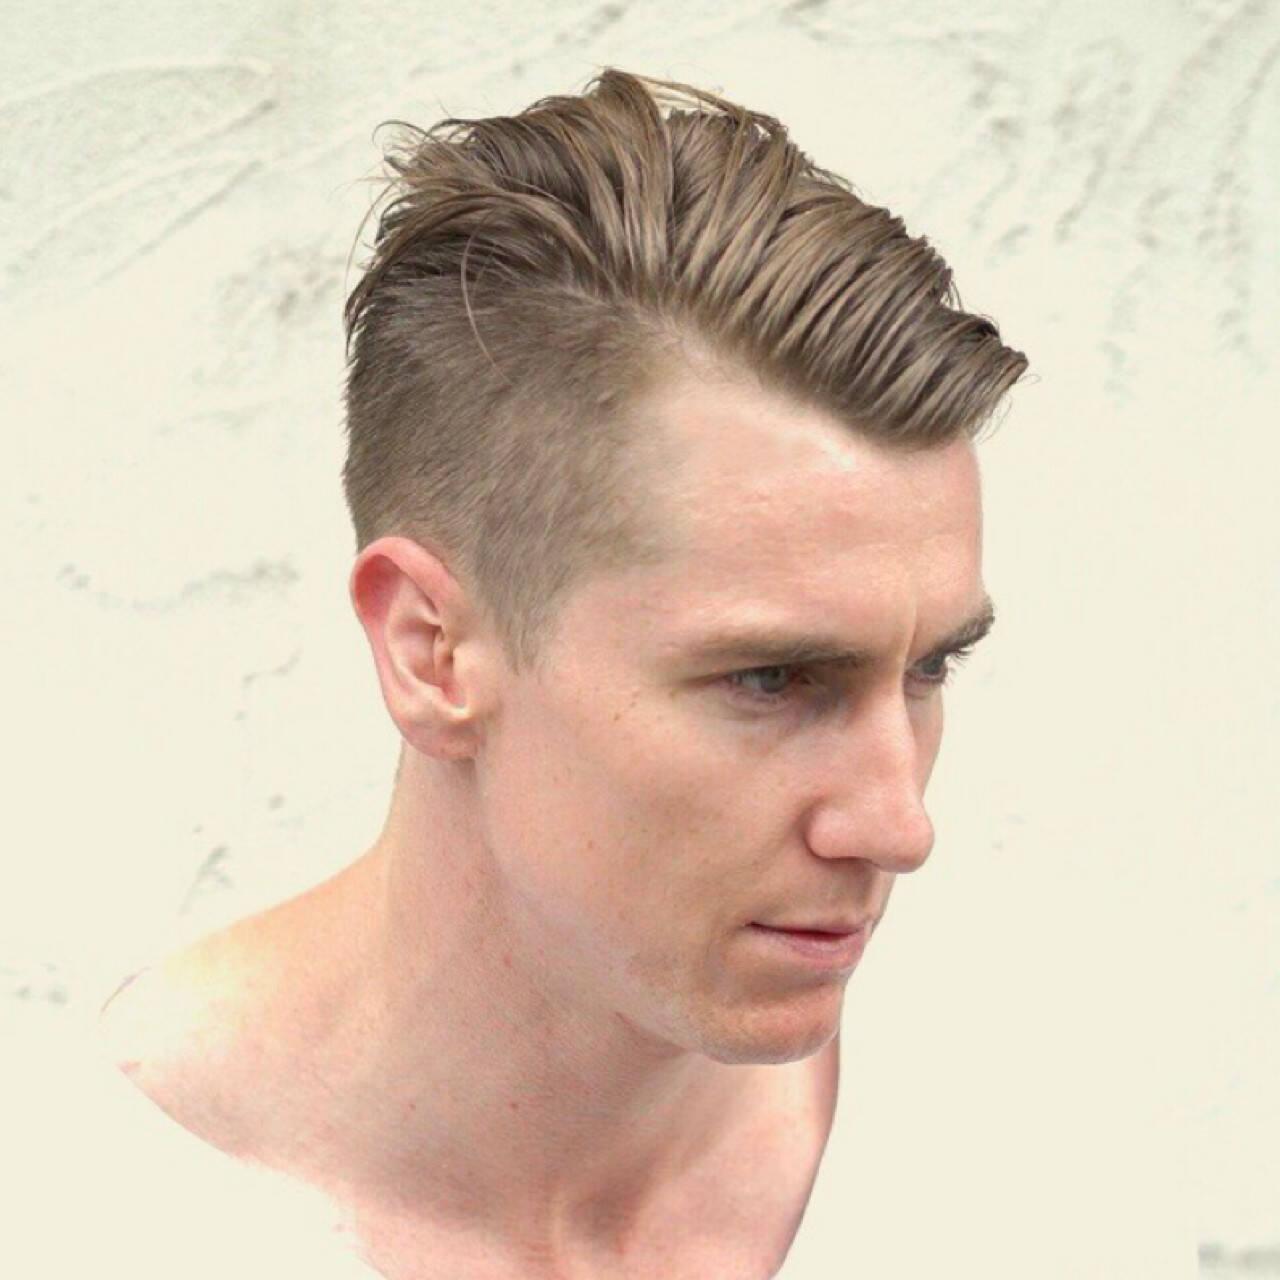 外国人風 メンズ ボーイッシュ ショートヘアスタイルや髪型の写真・画像